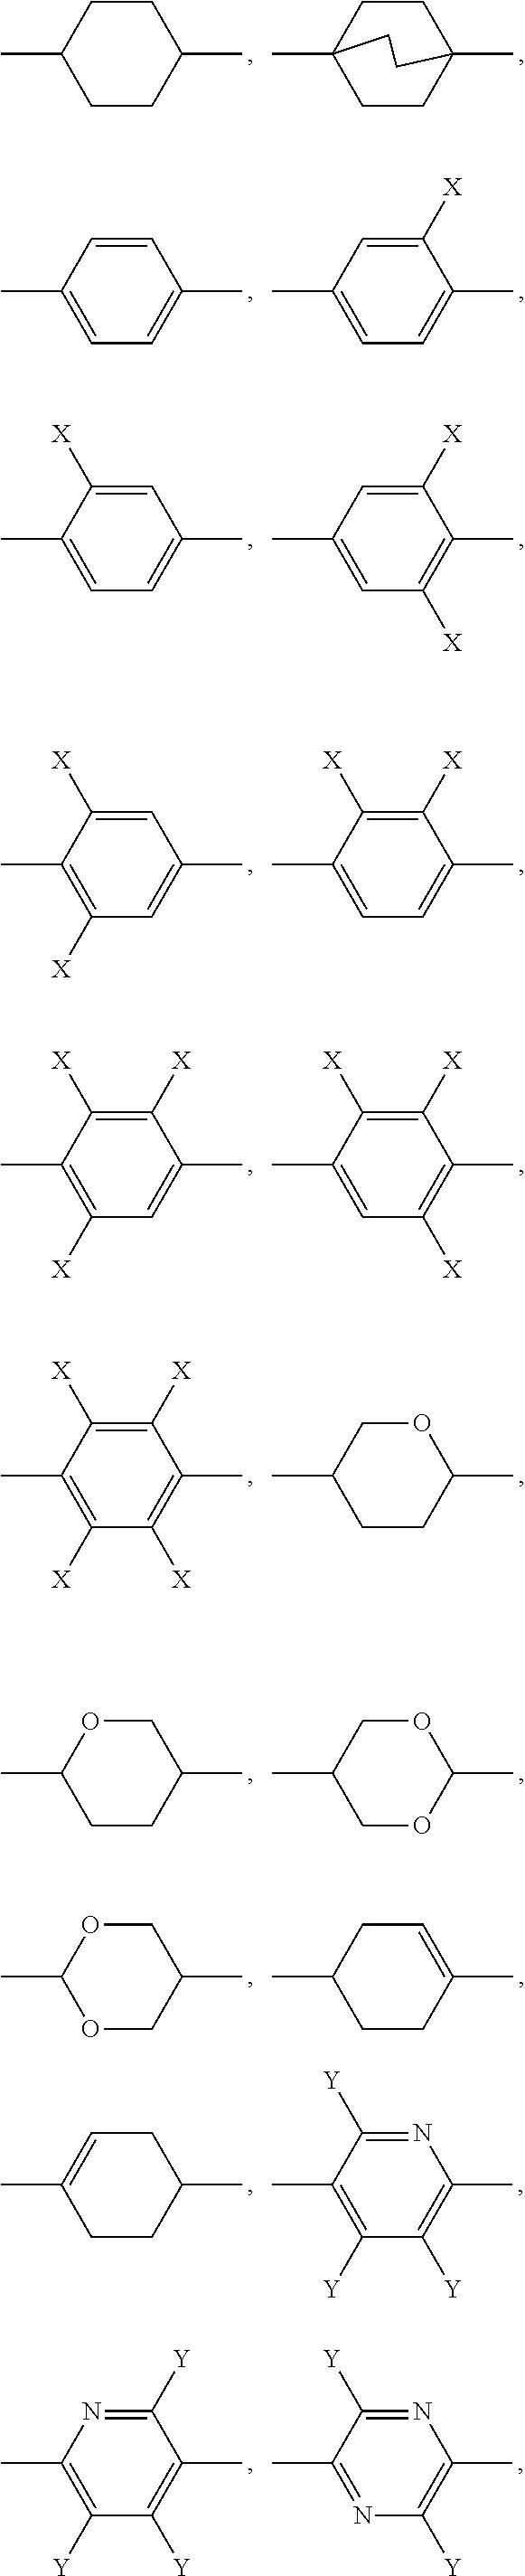 Figure US20130208227A1-20130815-C00332